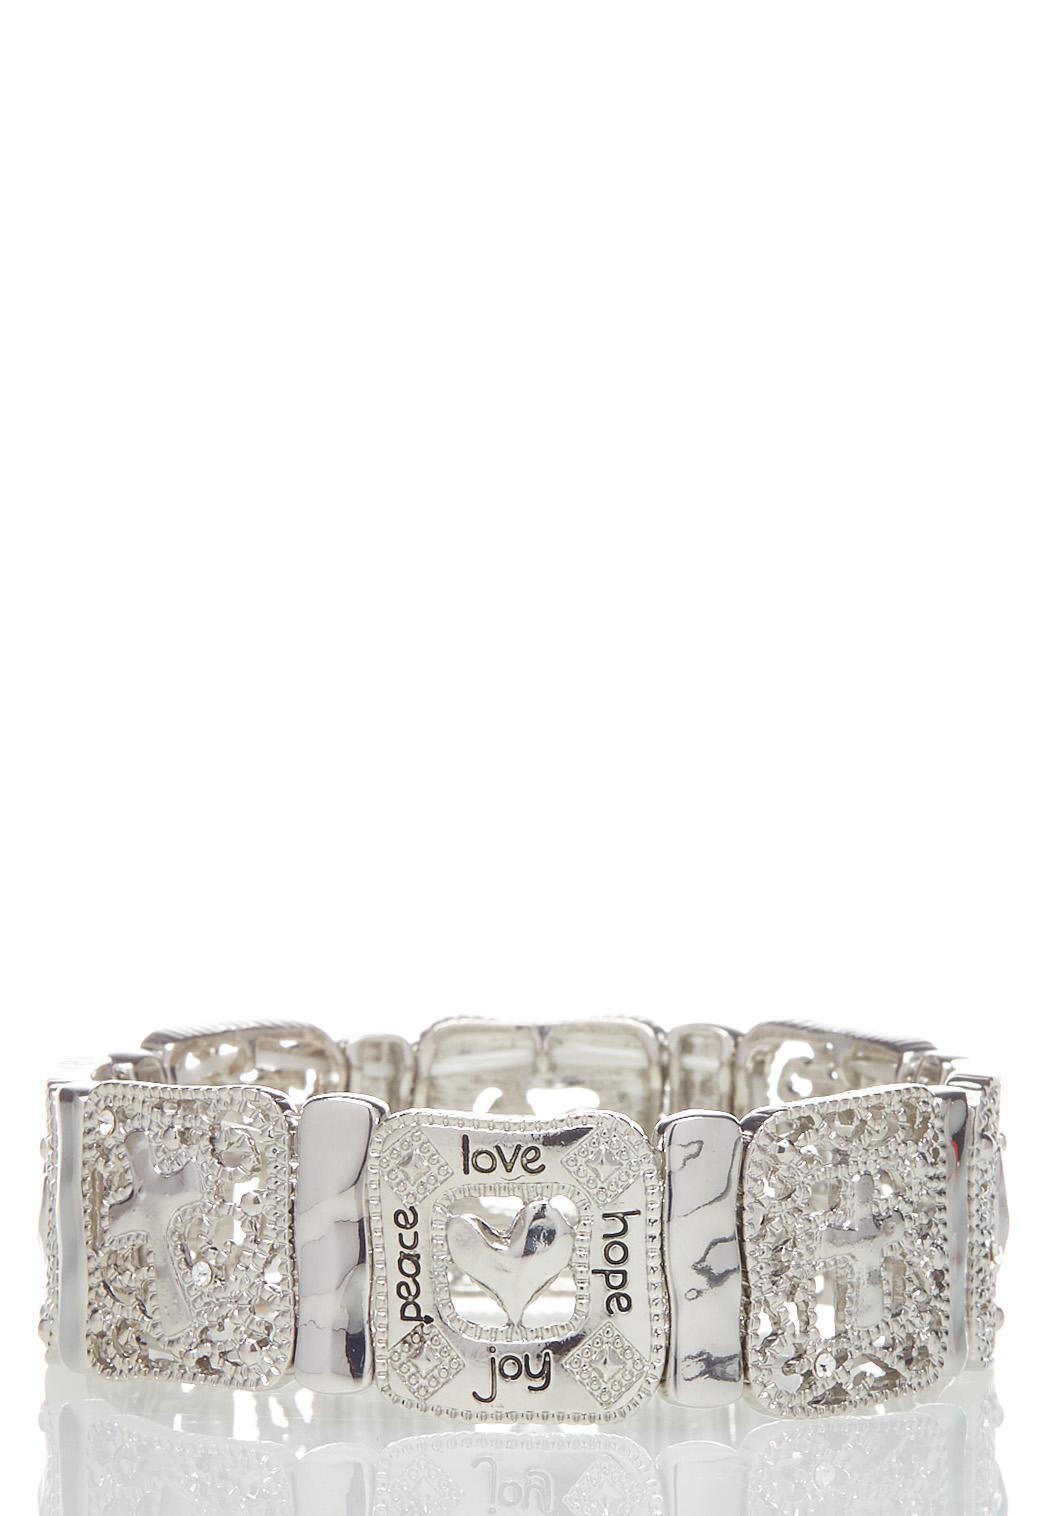 Square Inspirational Stretch Bracelet